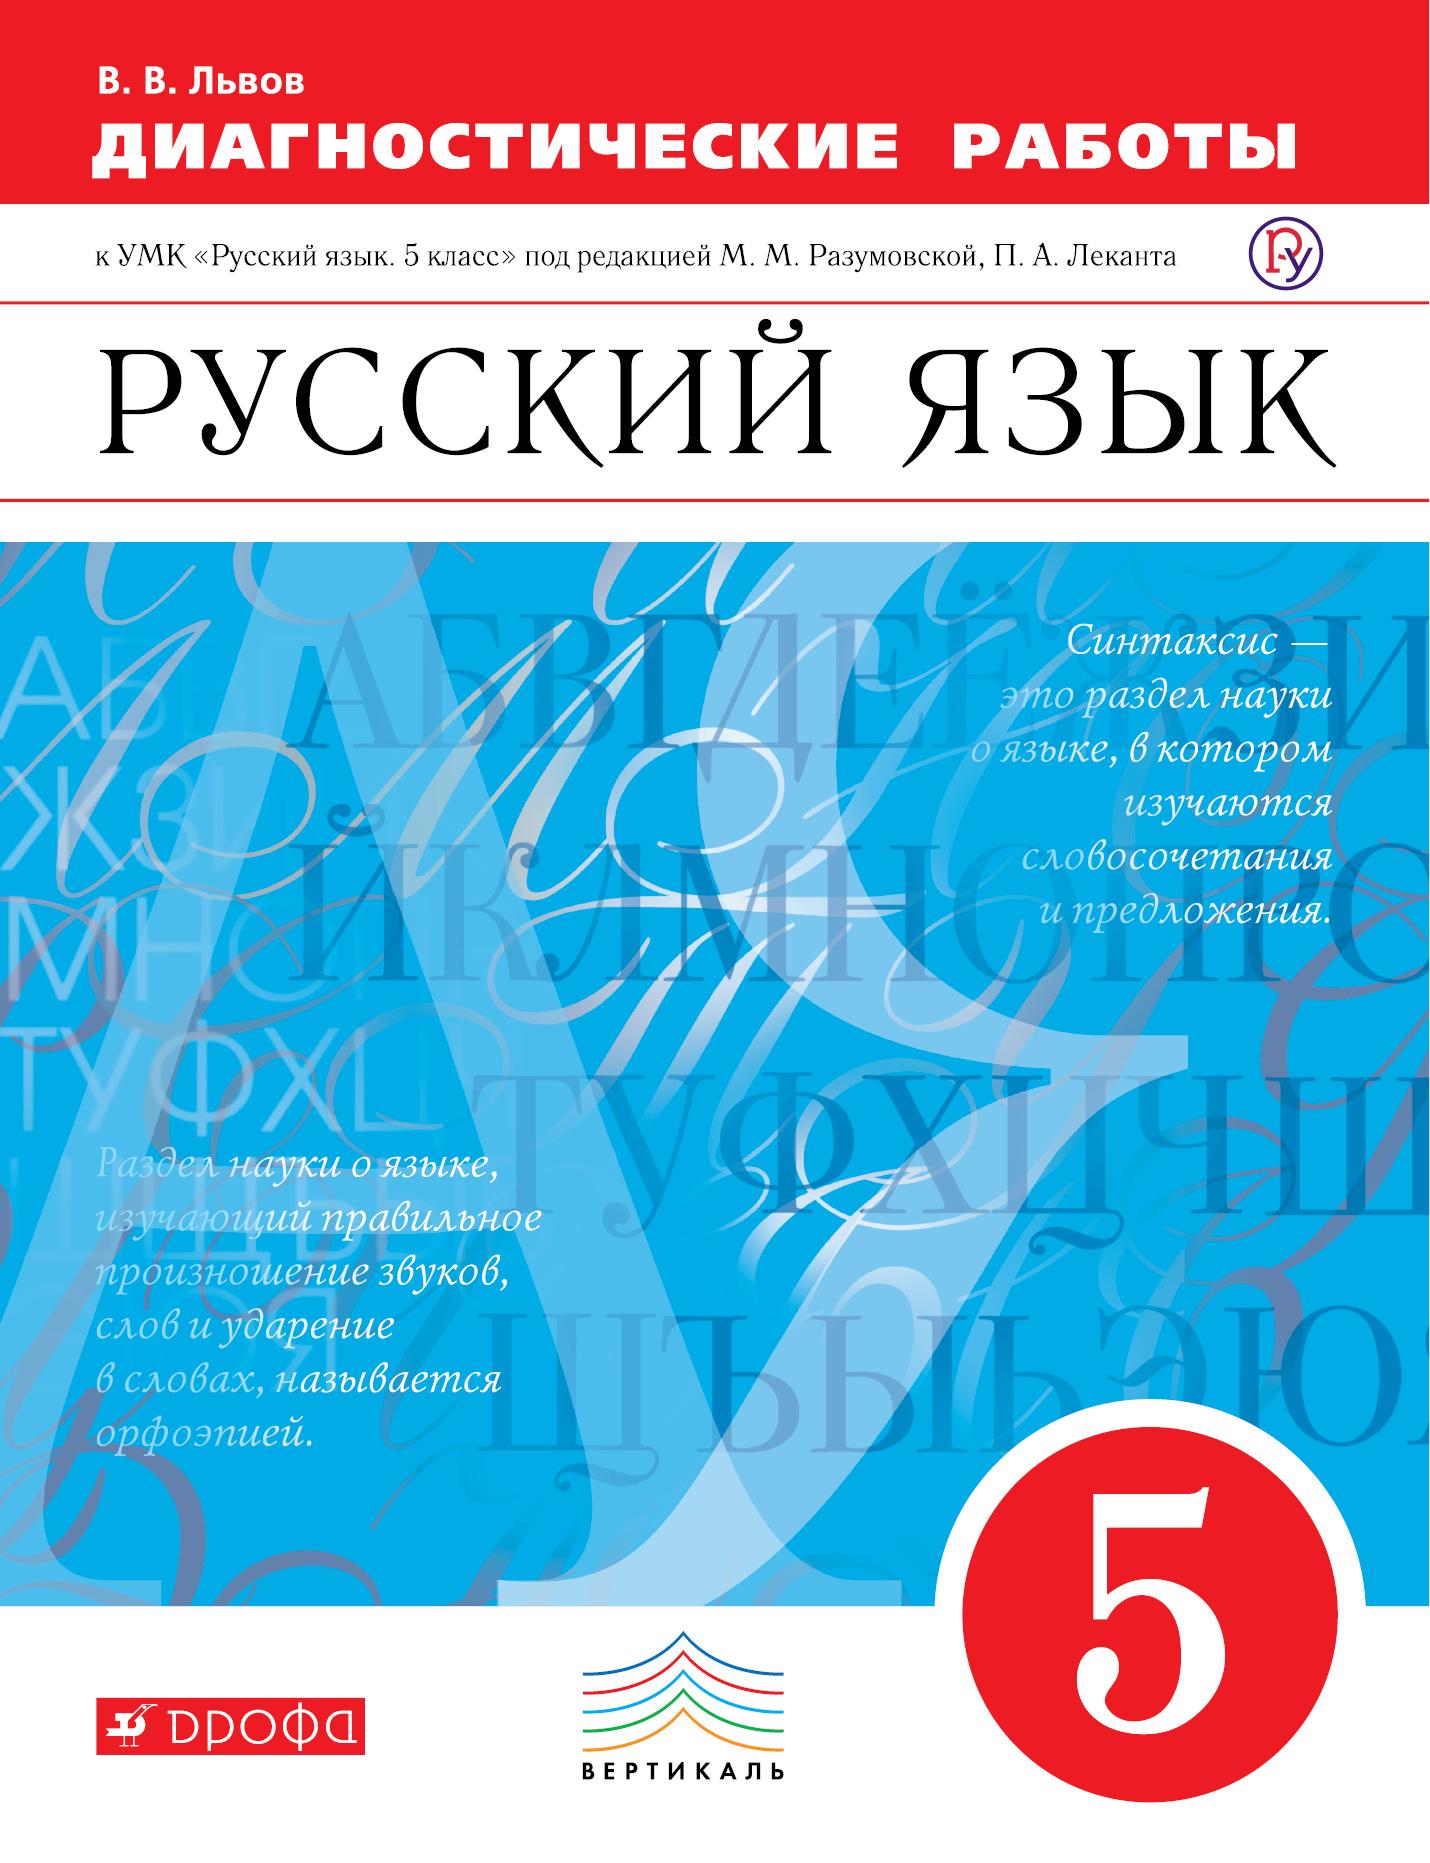 Федосова с.в все домашние работы к умк русский язык 6 класс с.и.львова в.в.львов